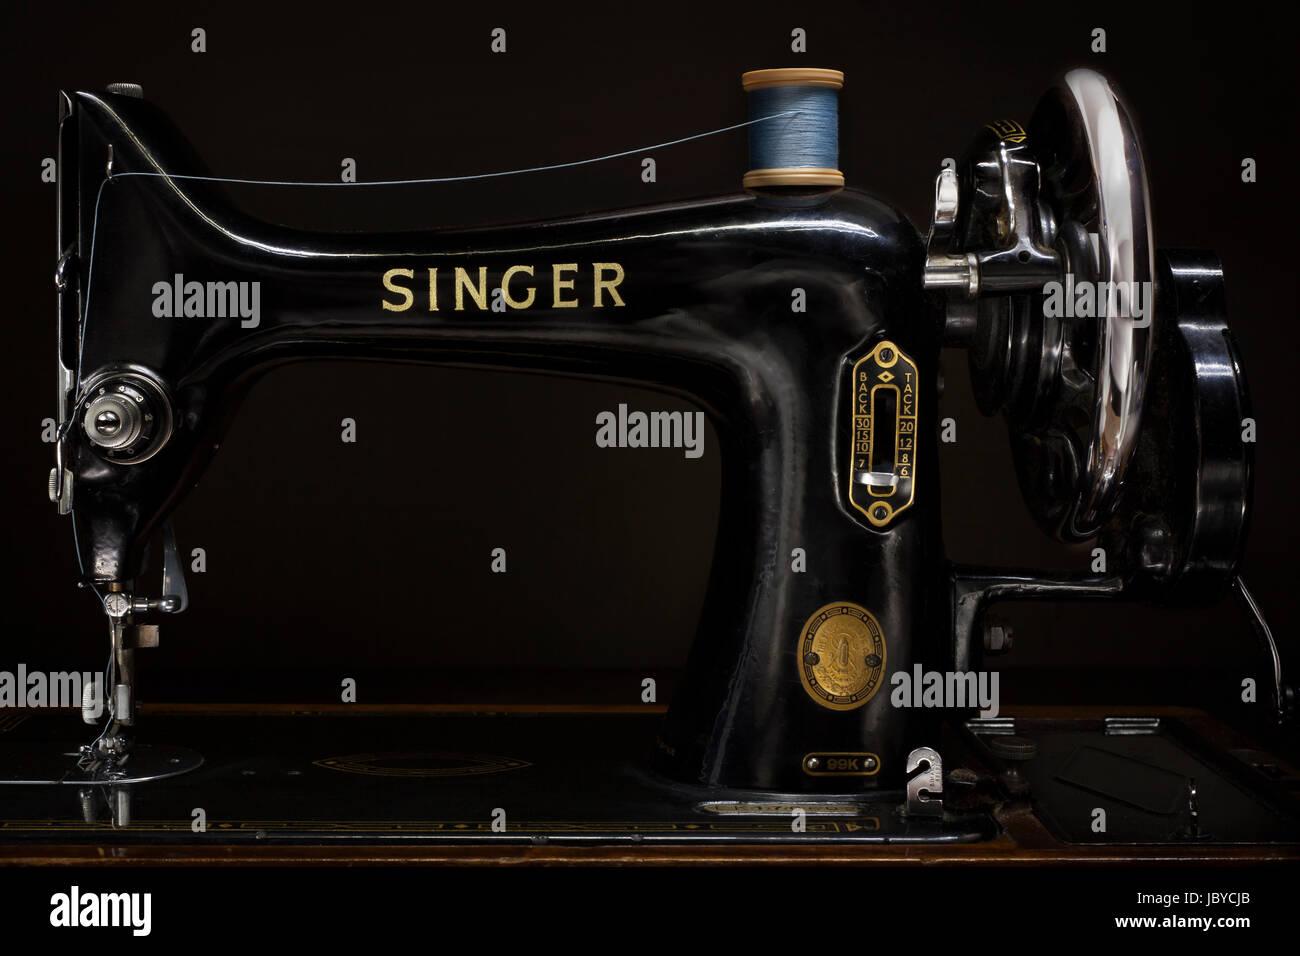 Producto hermoso diseño desde principios de 1900, la máquina de coser Singer 99K se introdujo en 1911 Imagen De Stock